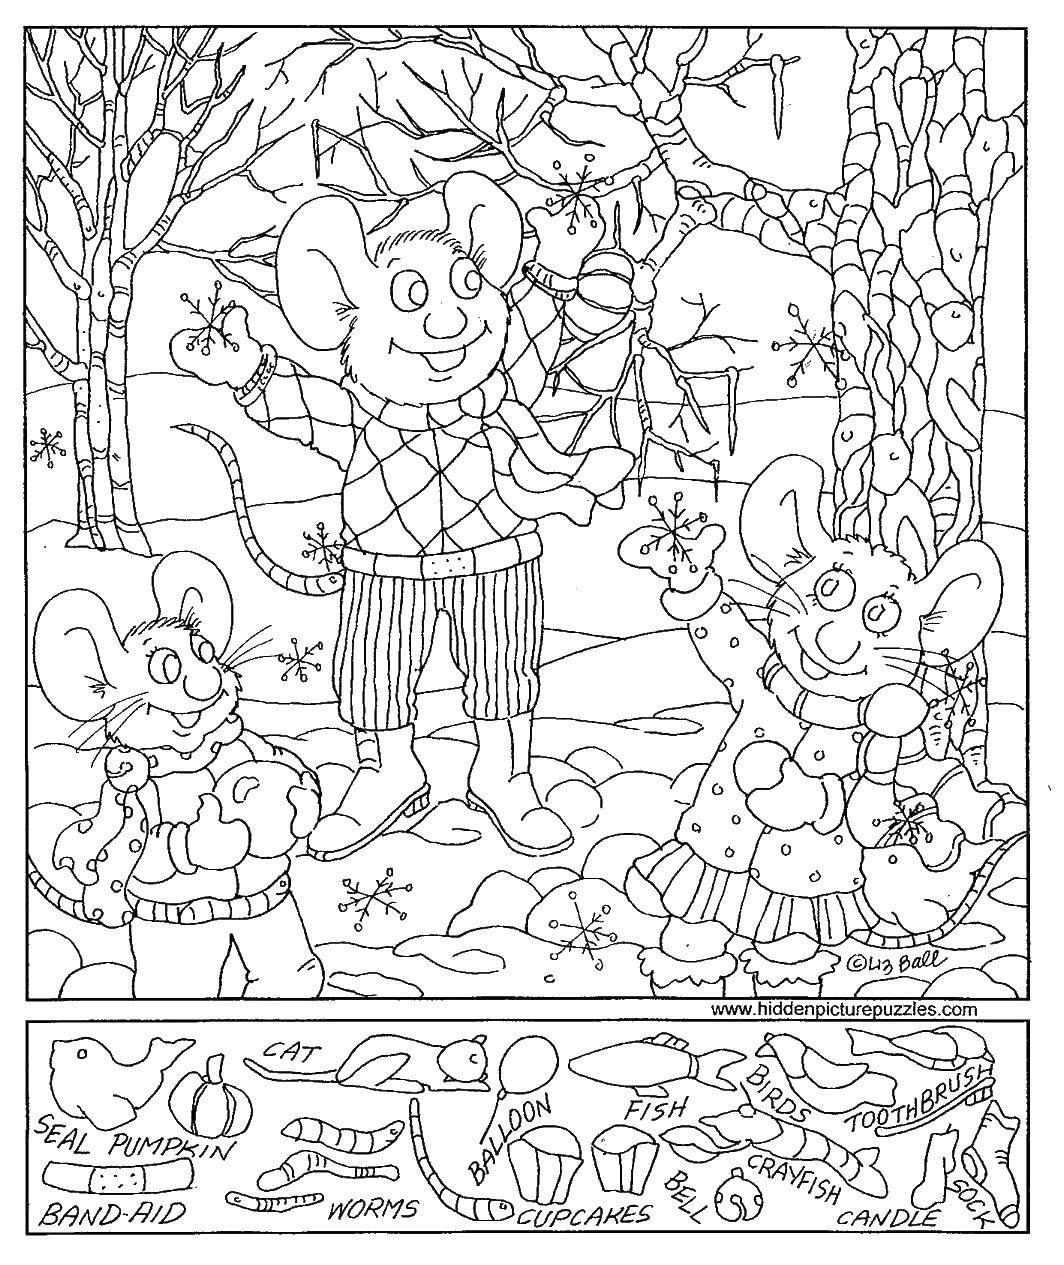 Раскраска Мышата и снежки Скачать мышата, снежки, деревья, куртки.  Распечатать ,Найди предметы,